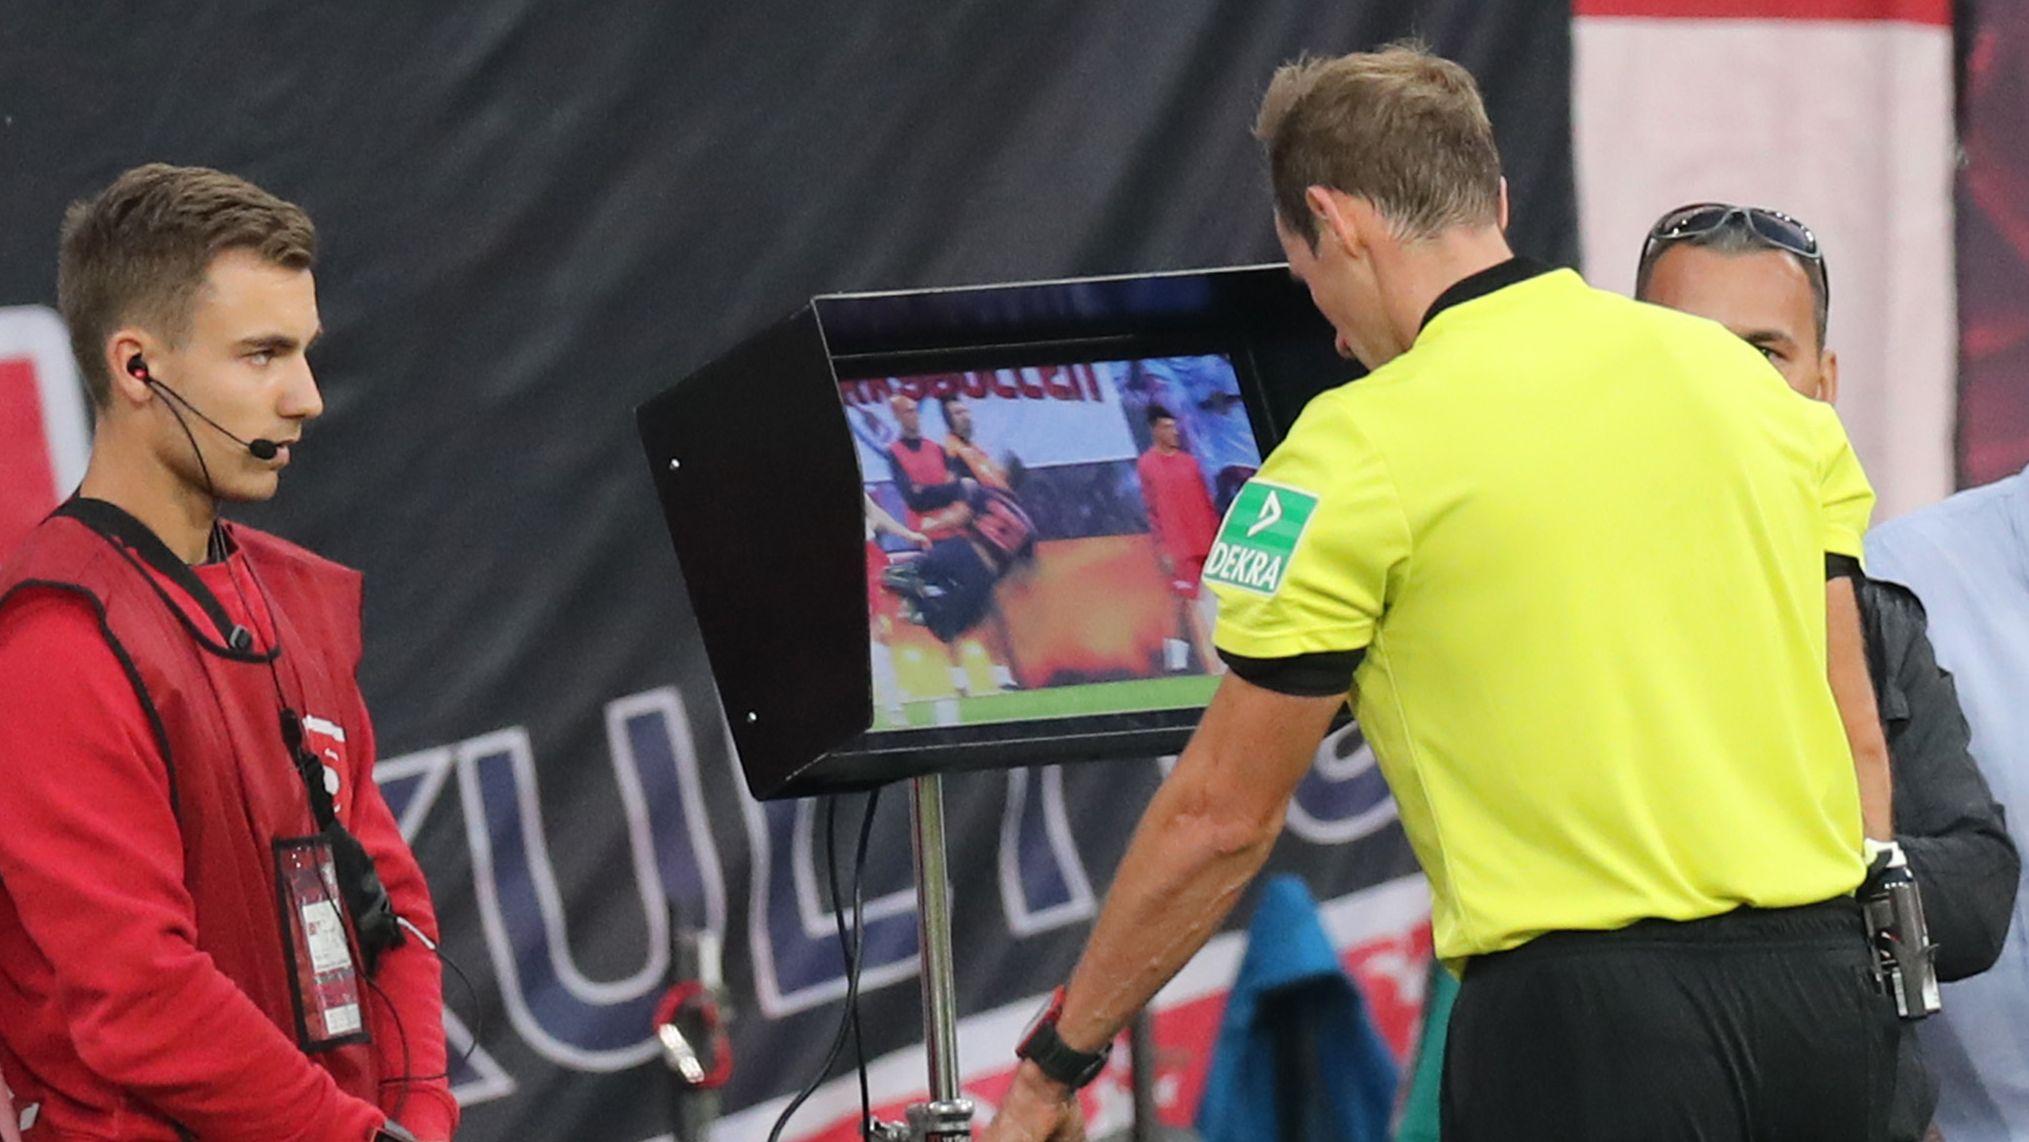 Ein Schiedsrichter sieht sich eine strittige Szene am Spielfeldrand an